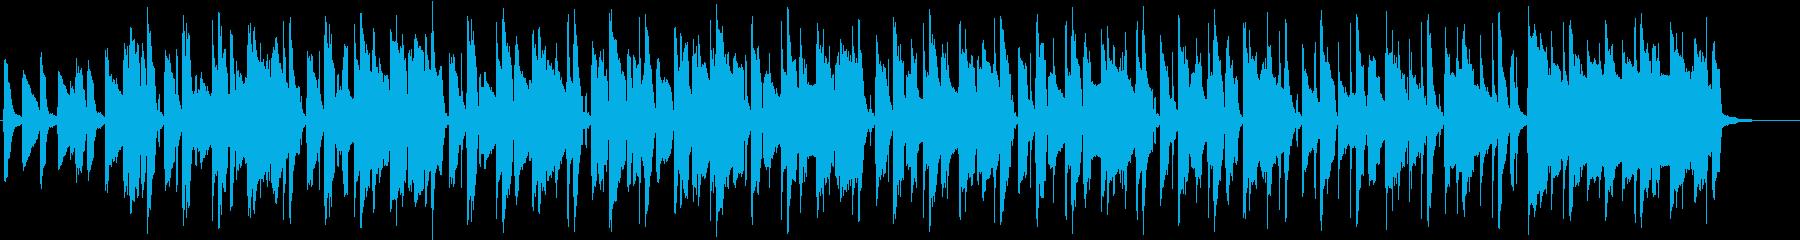 優雅なリコーダーがメインの曲の再生済みの波形